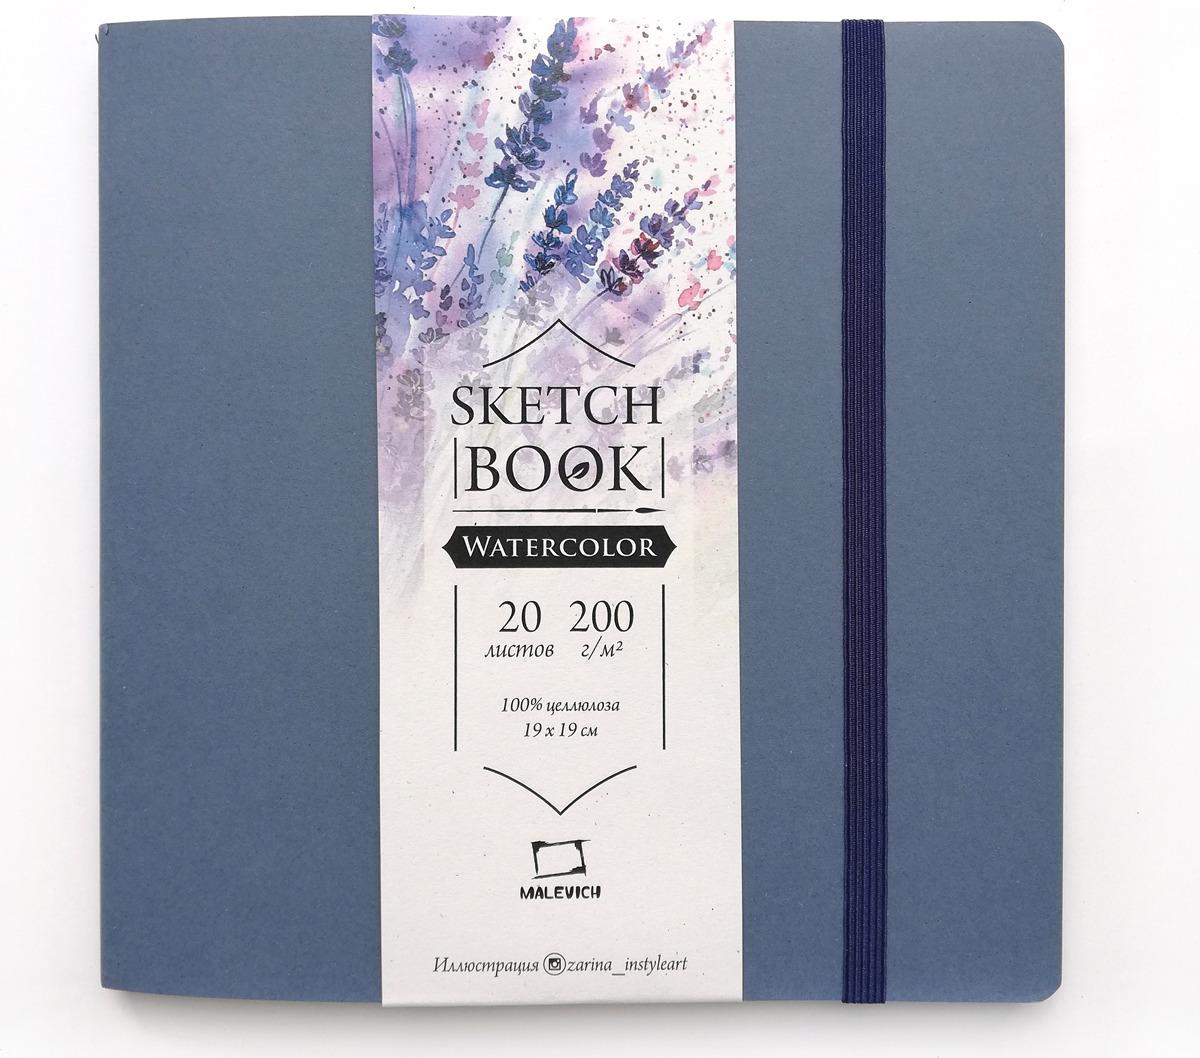 Скетчбук для акварели Veronese Малевичъ, альбом для рисования, синий, 200 г/м2, 19х19 см, 20 листов